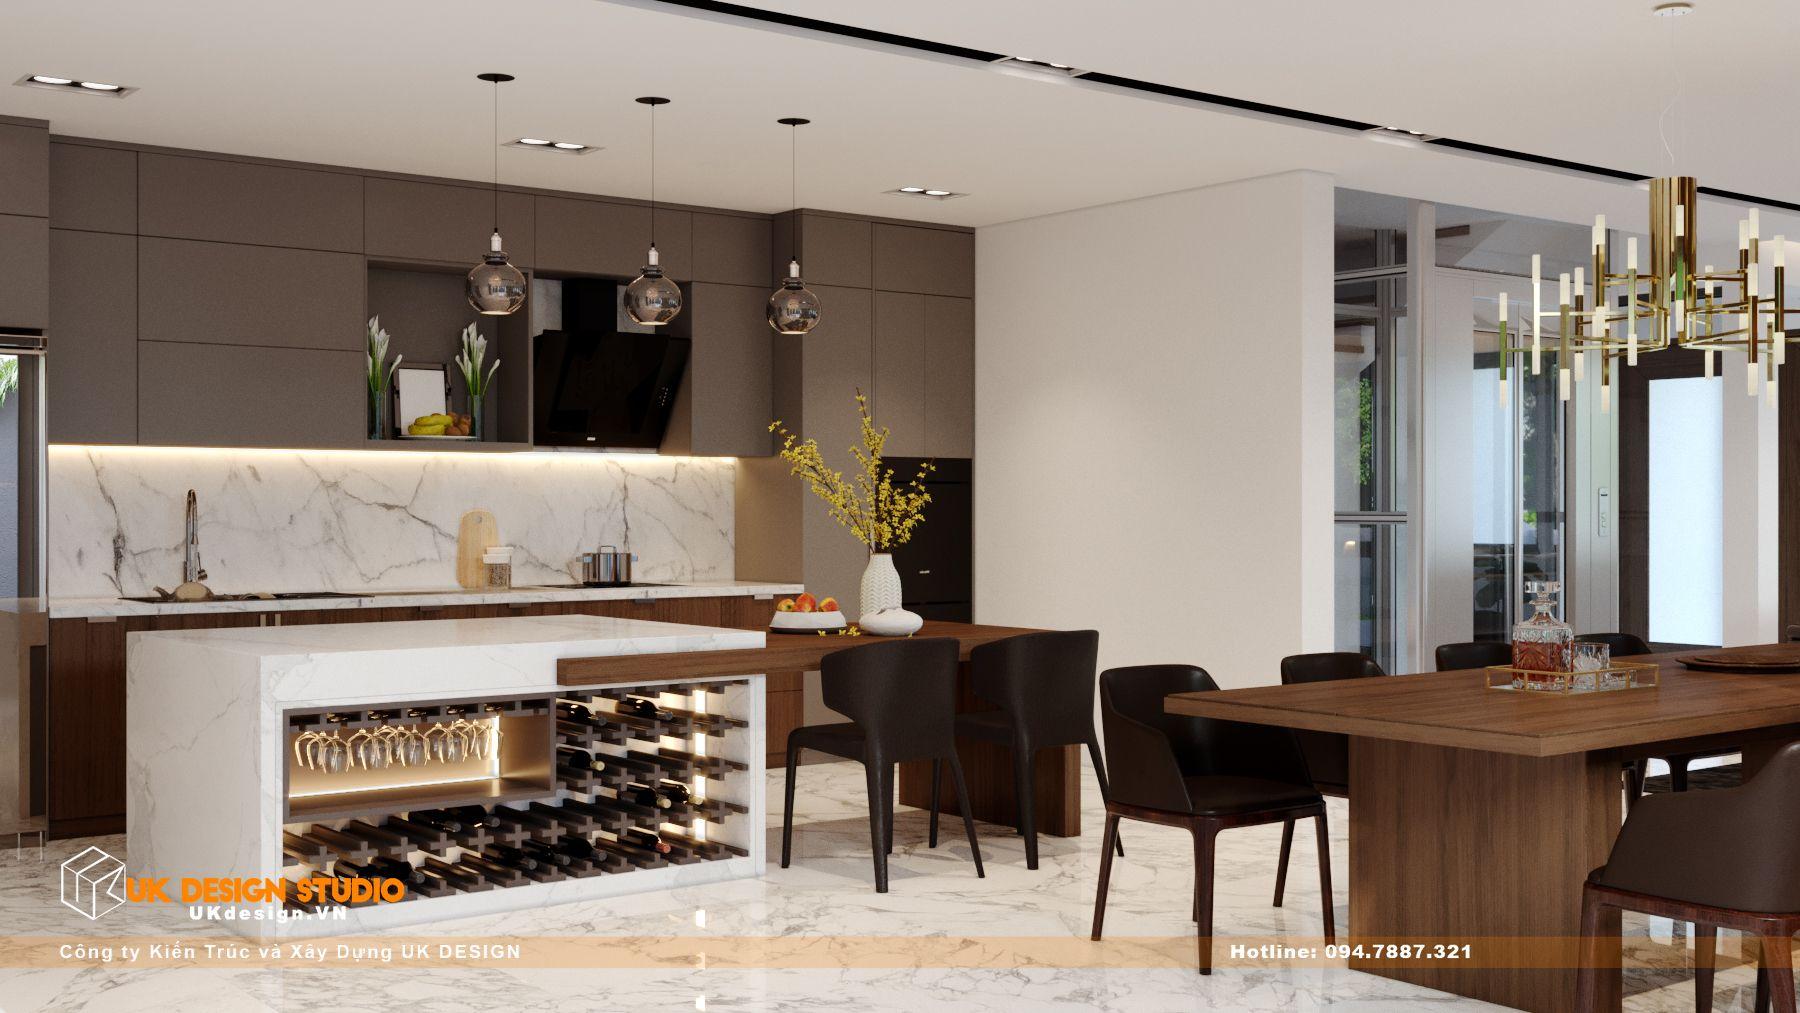 Thiết kế nội thất biệt thự nhà đẹp 3 tầng ở Quận 8 - Phòng Khách Bếp 15